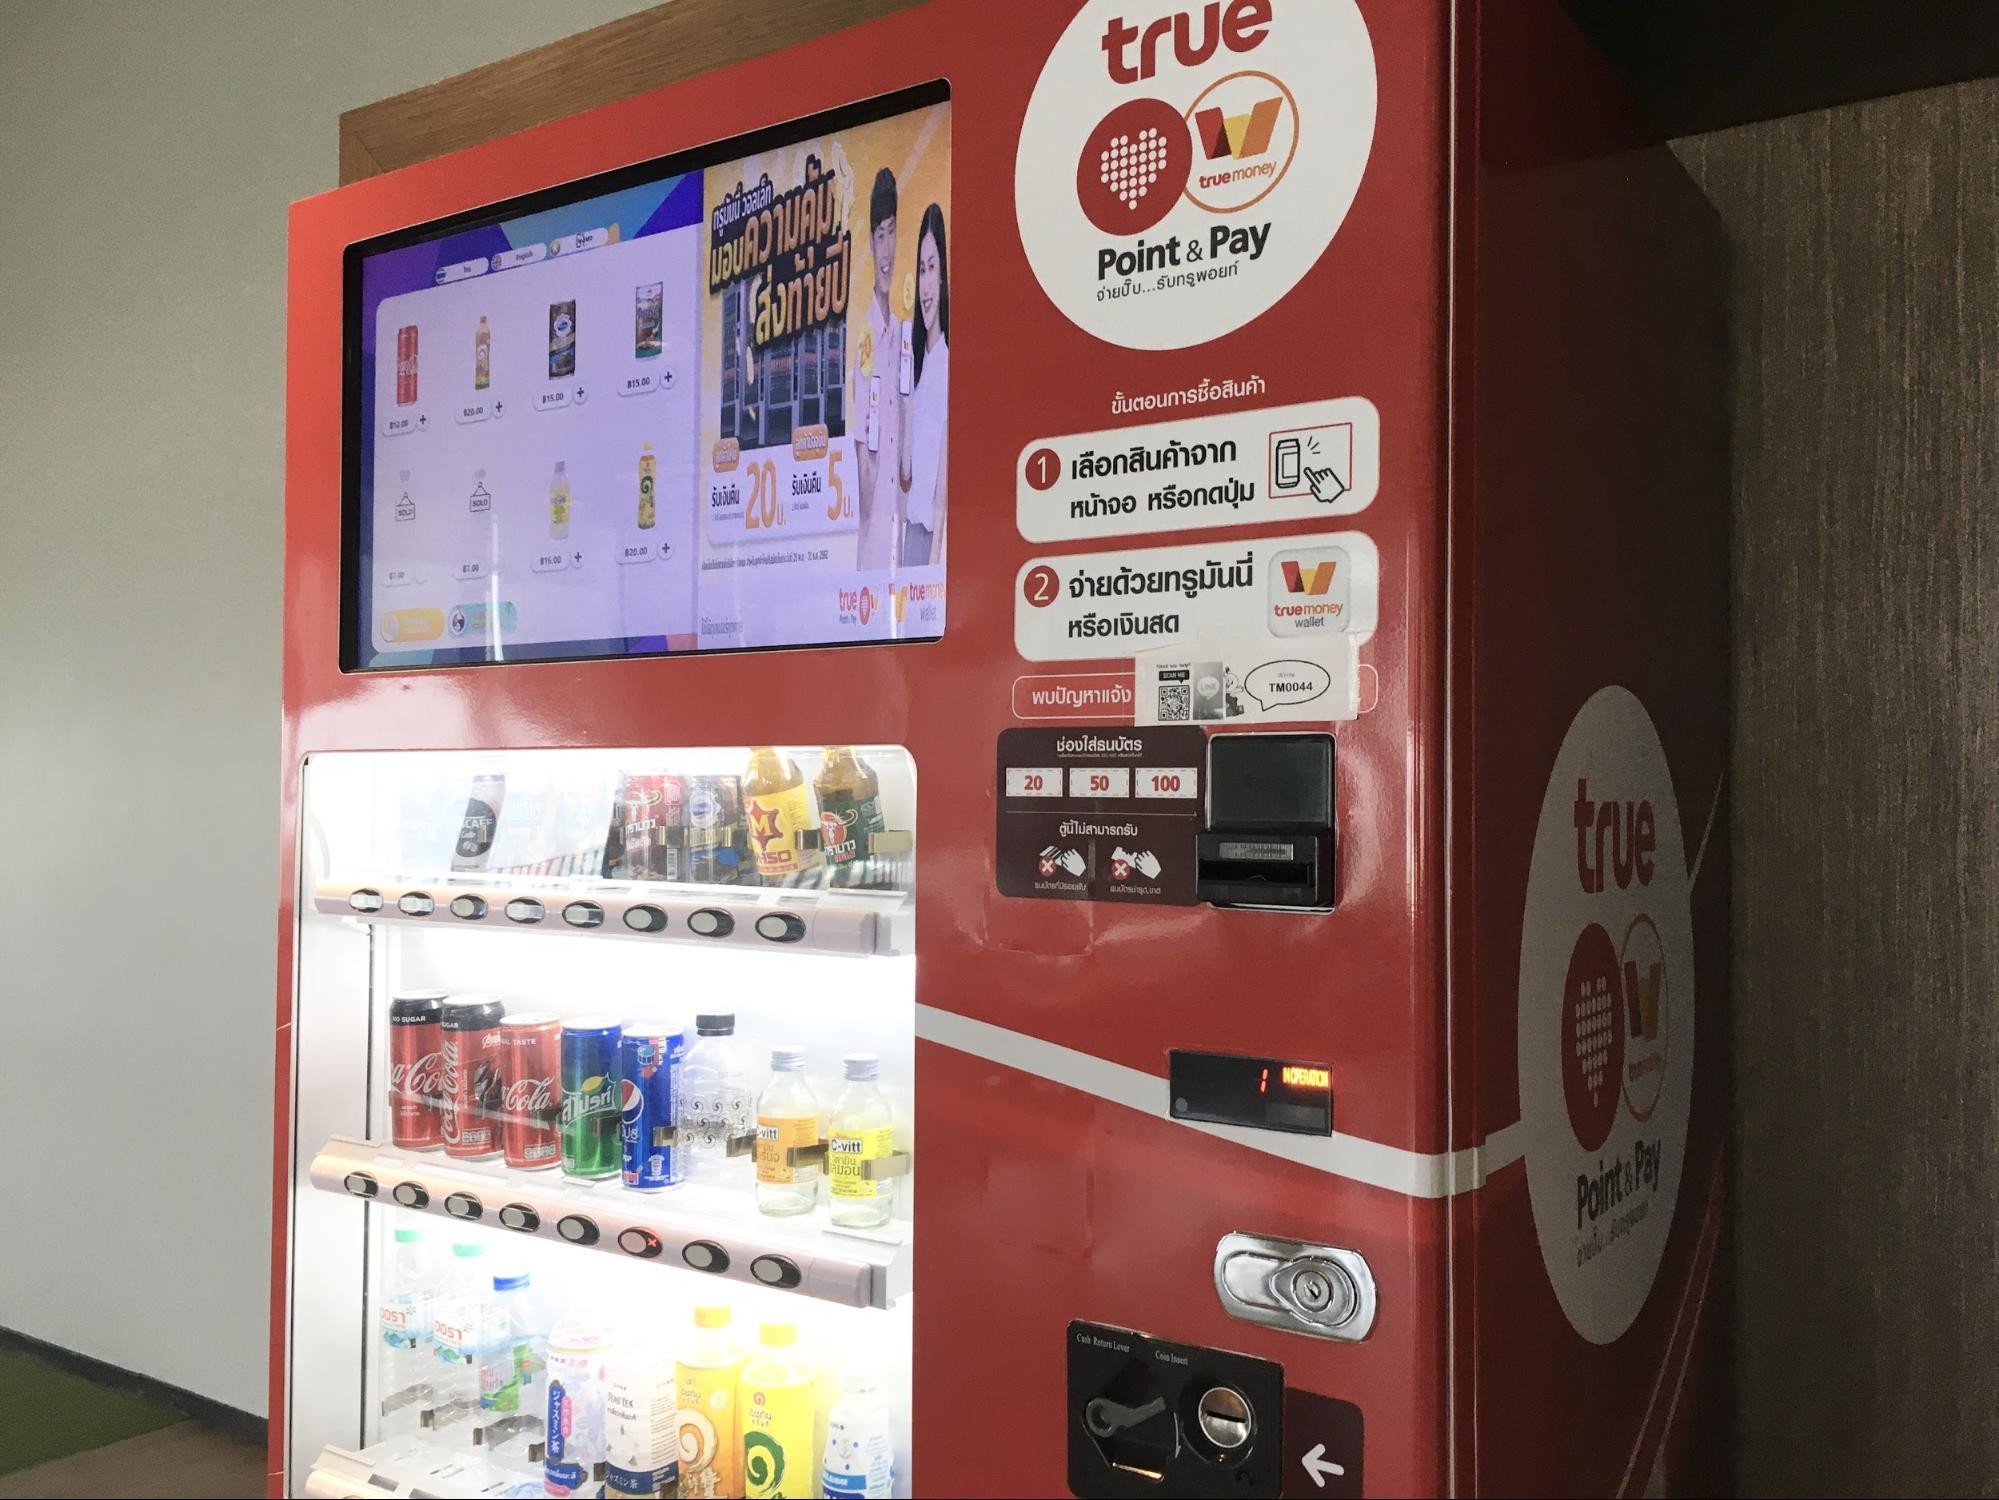 โซนครัว จุดนี้มีบริการเครื่องดื่มเพื่อสุขภาพ ไมโครเวฟสำหรับอุ่นของกิน เครื่องชงกาแฟ แทงก์น้ำดื่มและน้ำแข็ง ทุกอย่างบริการฟรีหมด!